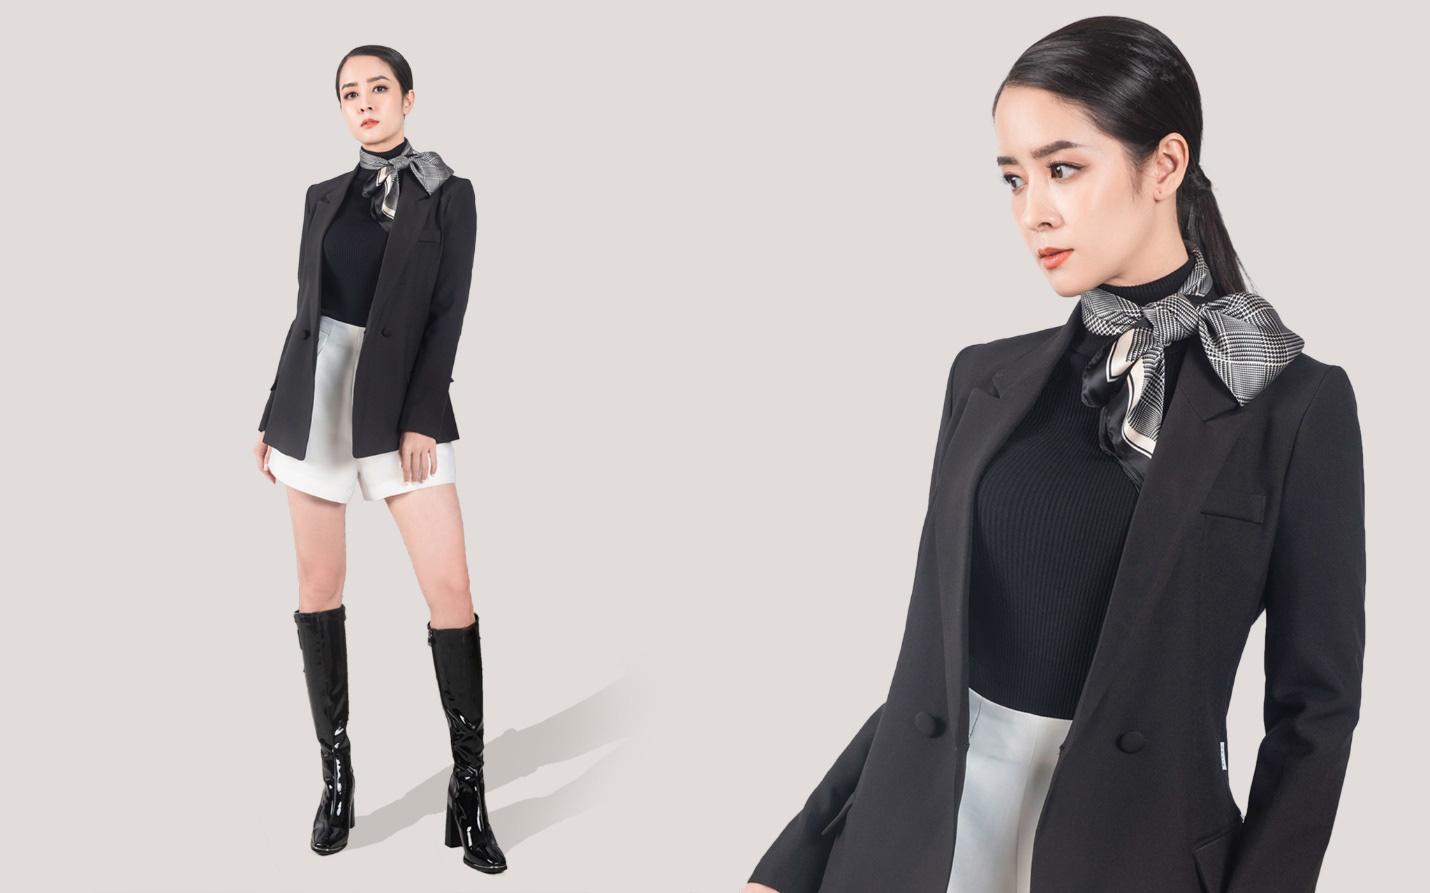 """Cùng diễn viên Thùy Dương khám phá 5 cách """"mix and match"""" với vest để luôn trẻ trung, thời thượng - Ảnh 1."""